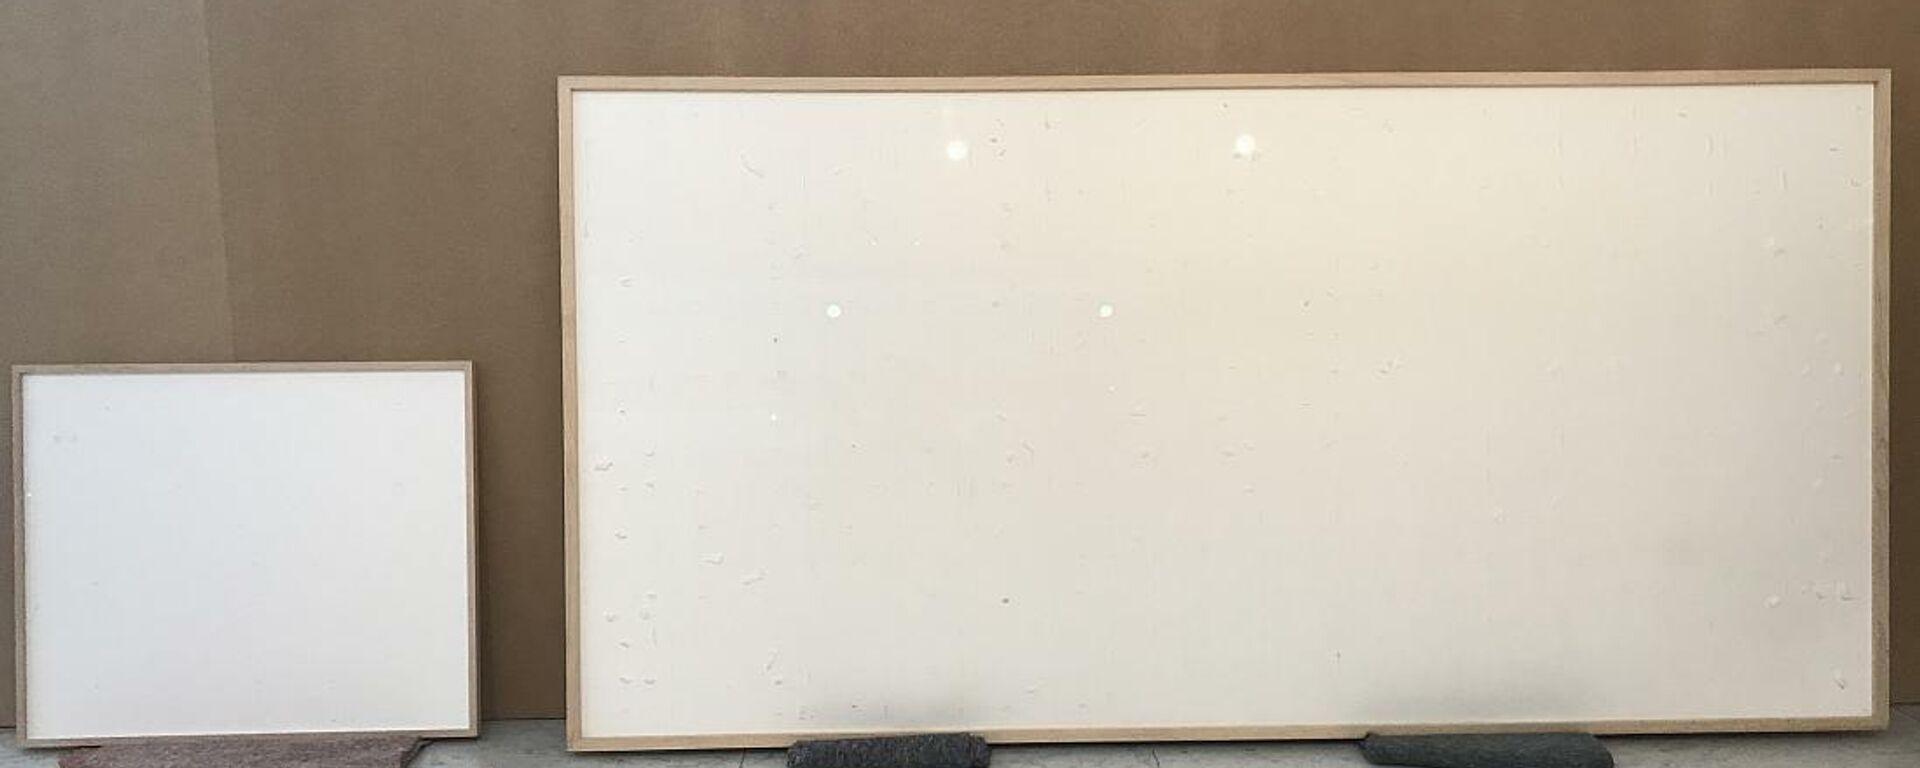 Πίνακες σε μουσείο στη Δανία - Sputnik Ελλάδα, 1920, 29.09.2021